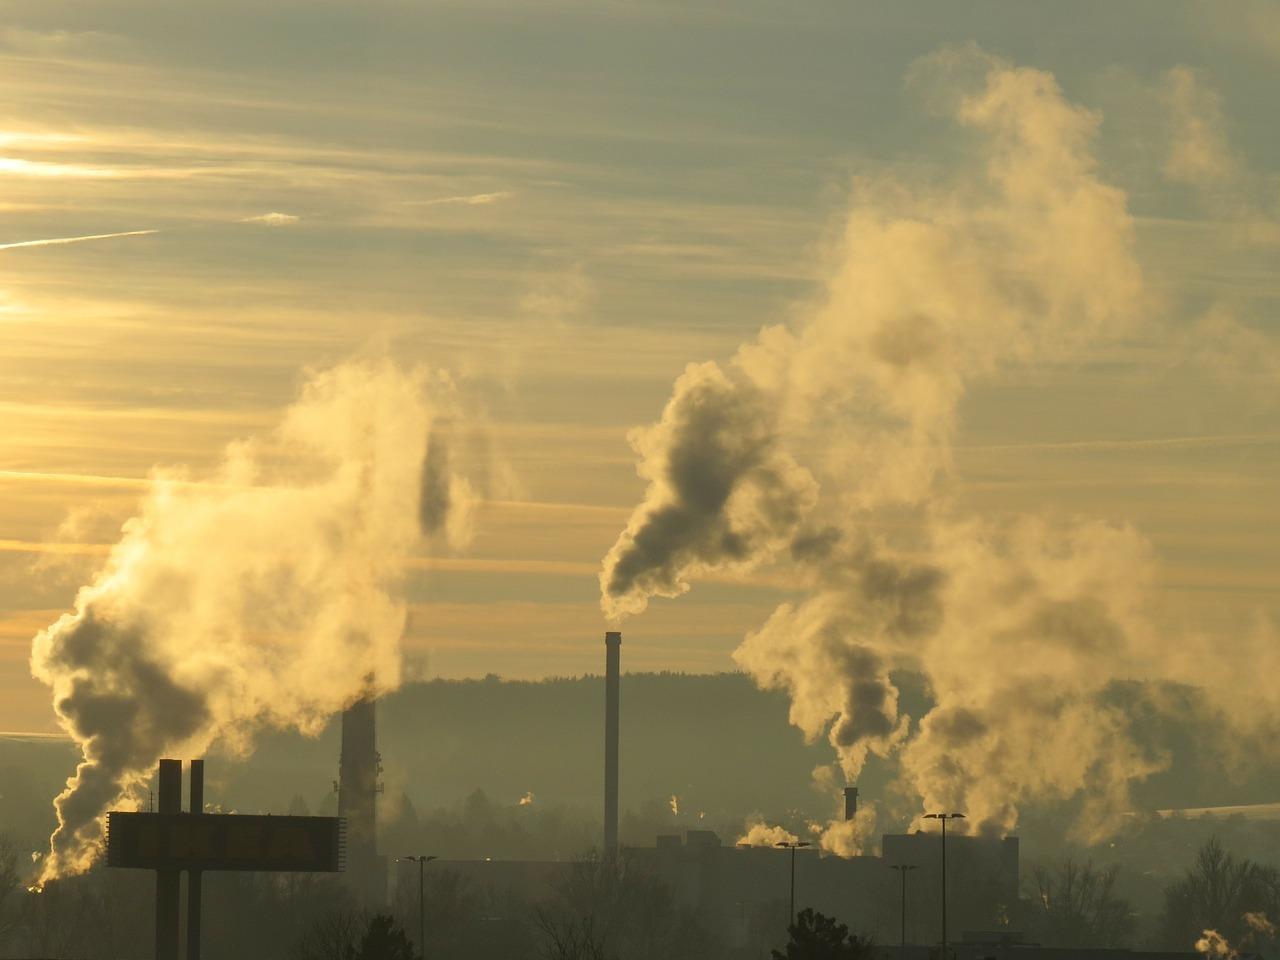 Luftverschmutzung ist eines der zentralen Probleme der Weltgesellschaft.